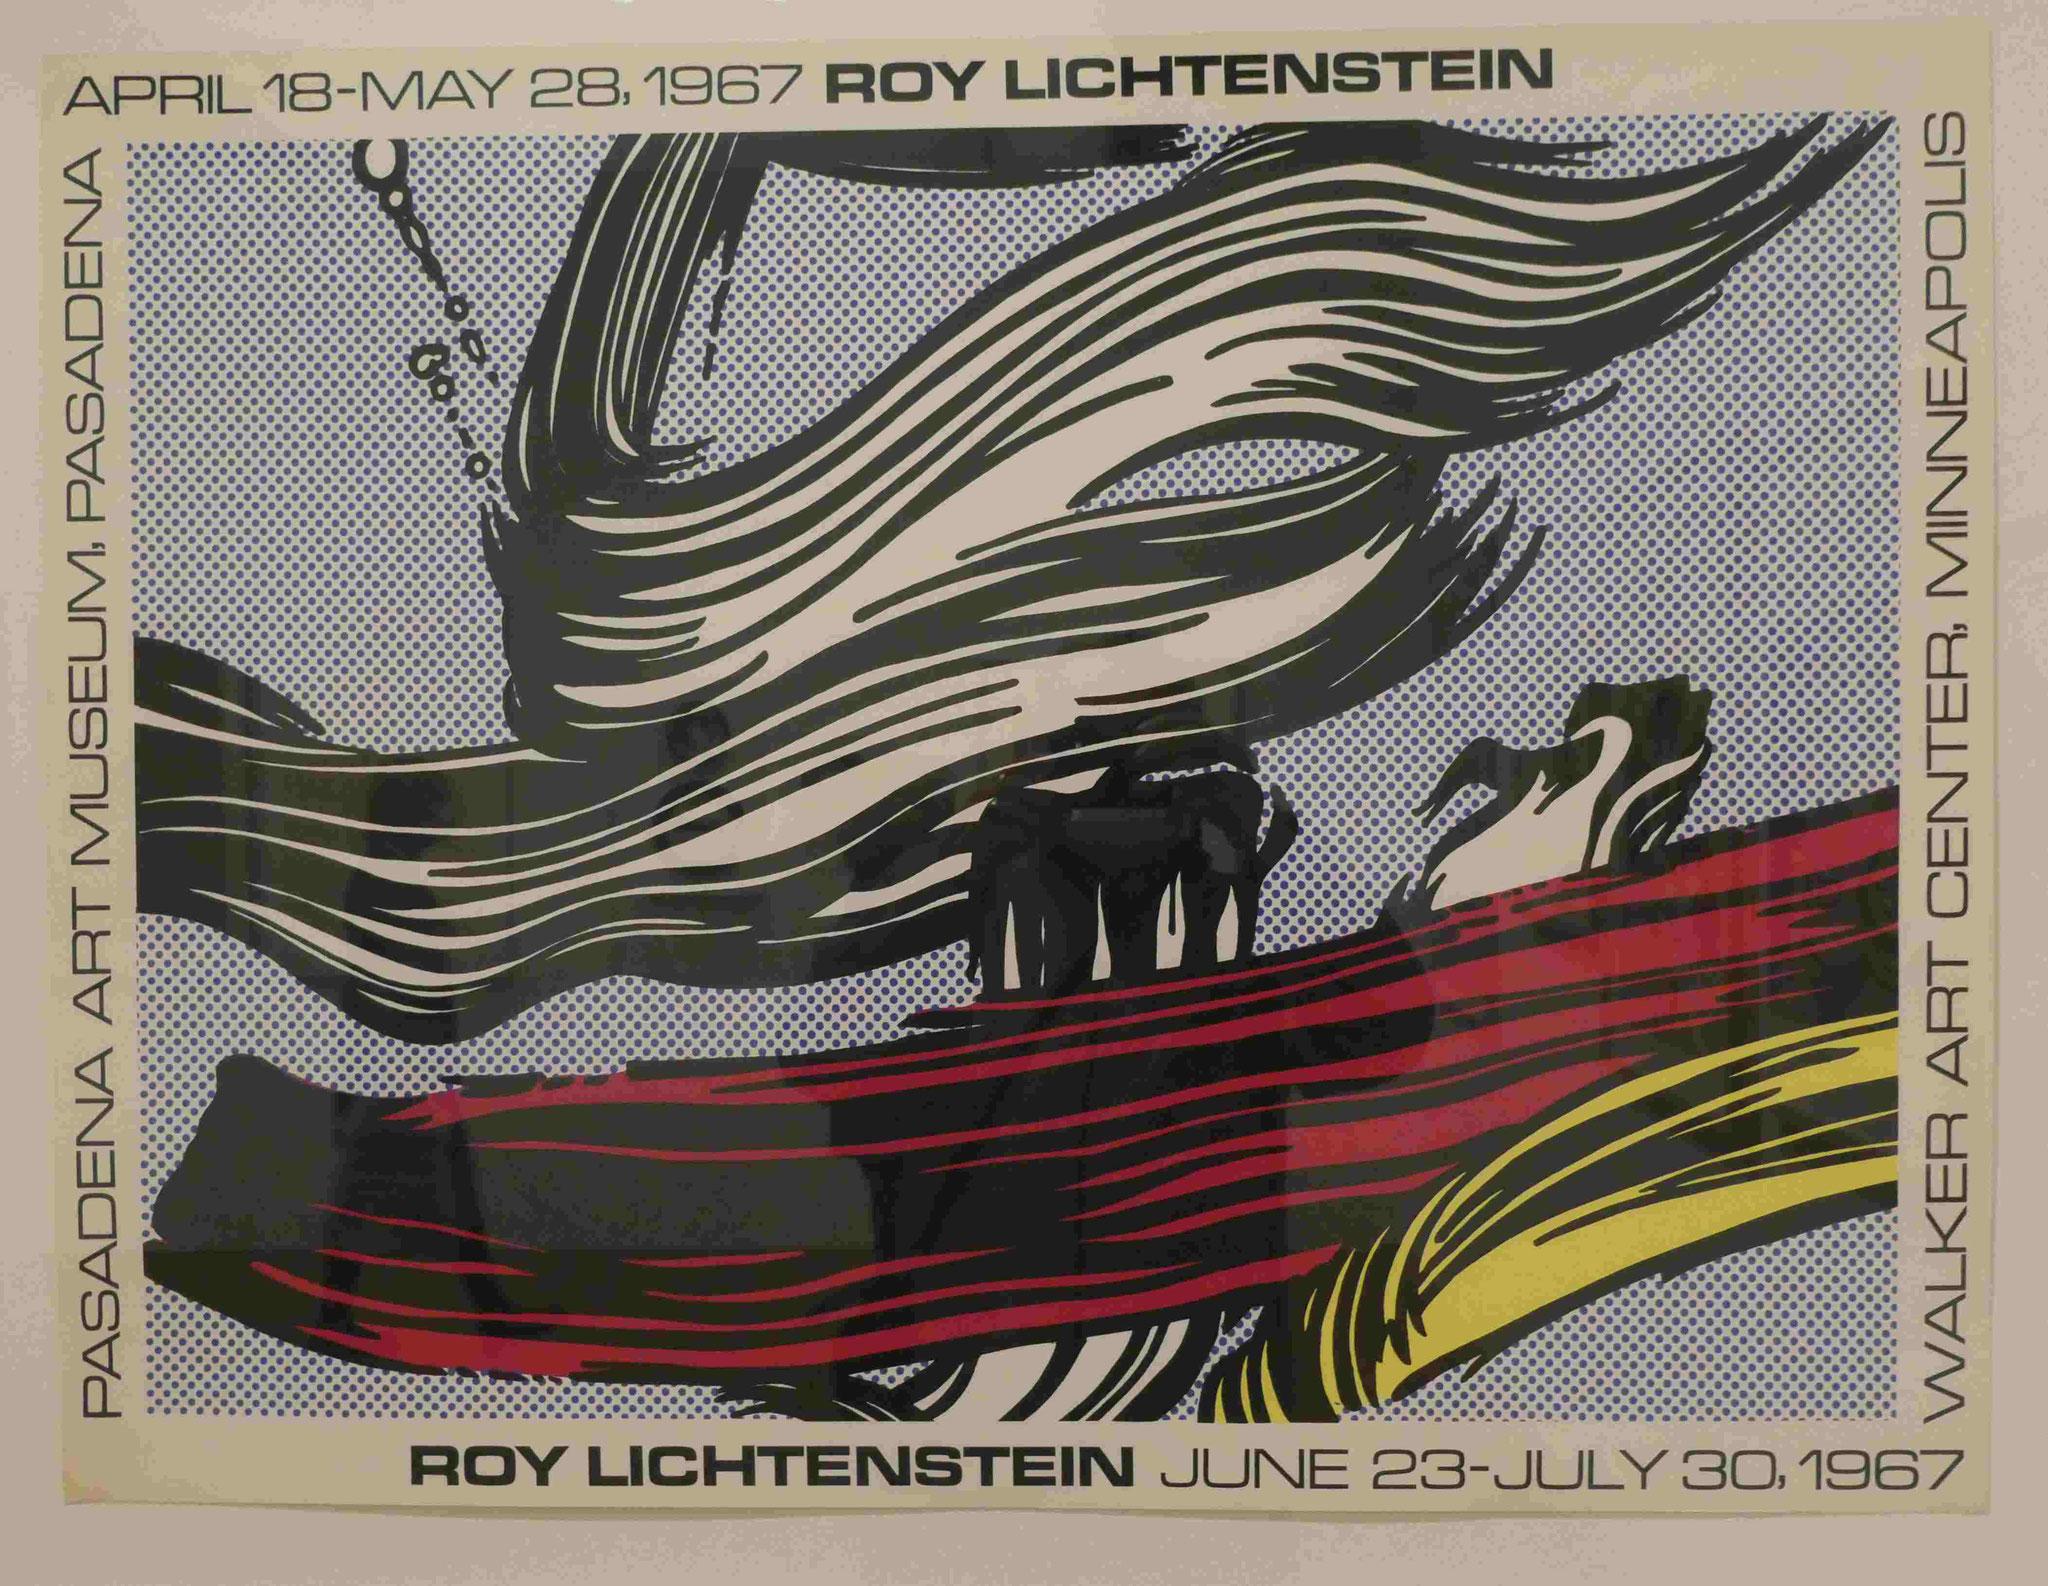 Roy Lichtenstein, Brushstokes Poster, Siebdruck 1967, Nationalgalerie Berlin